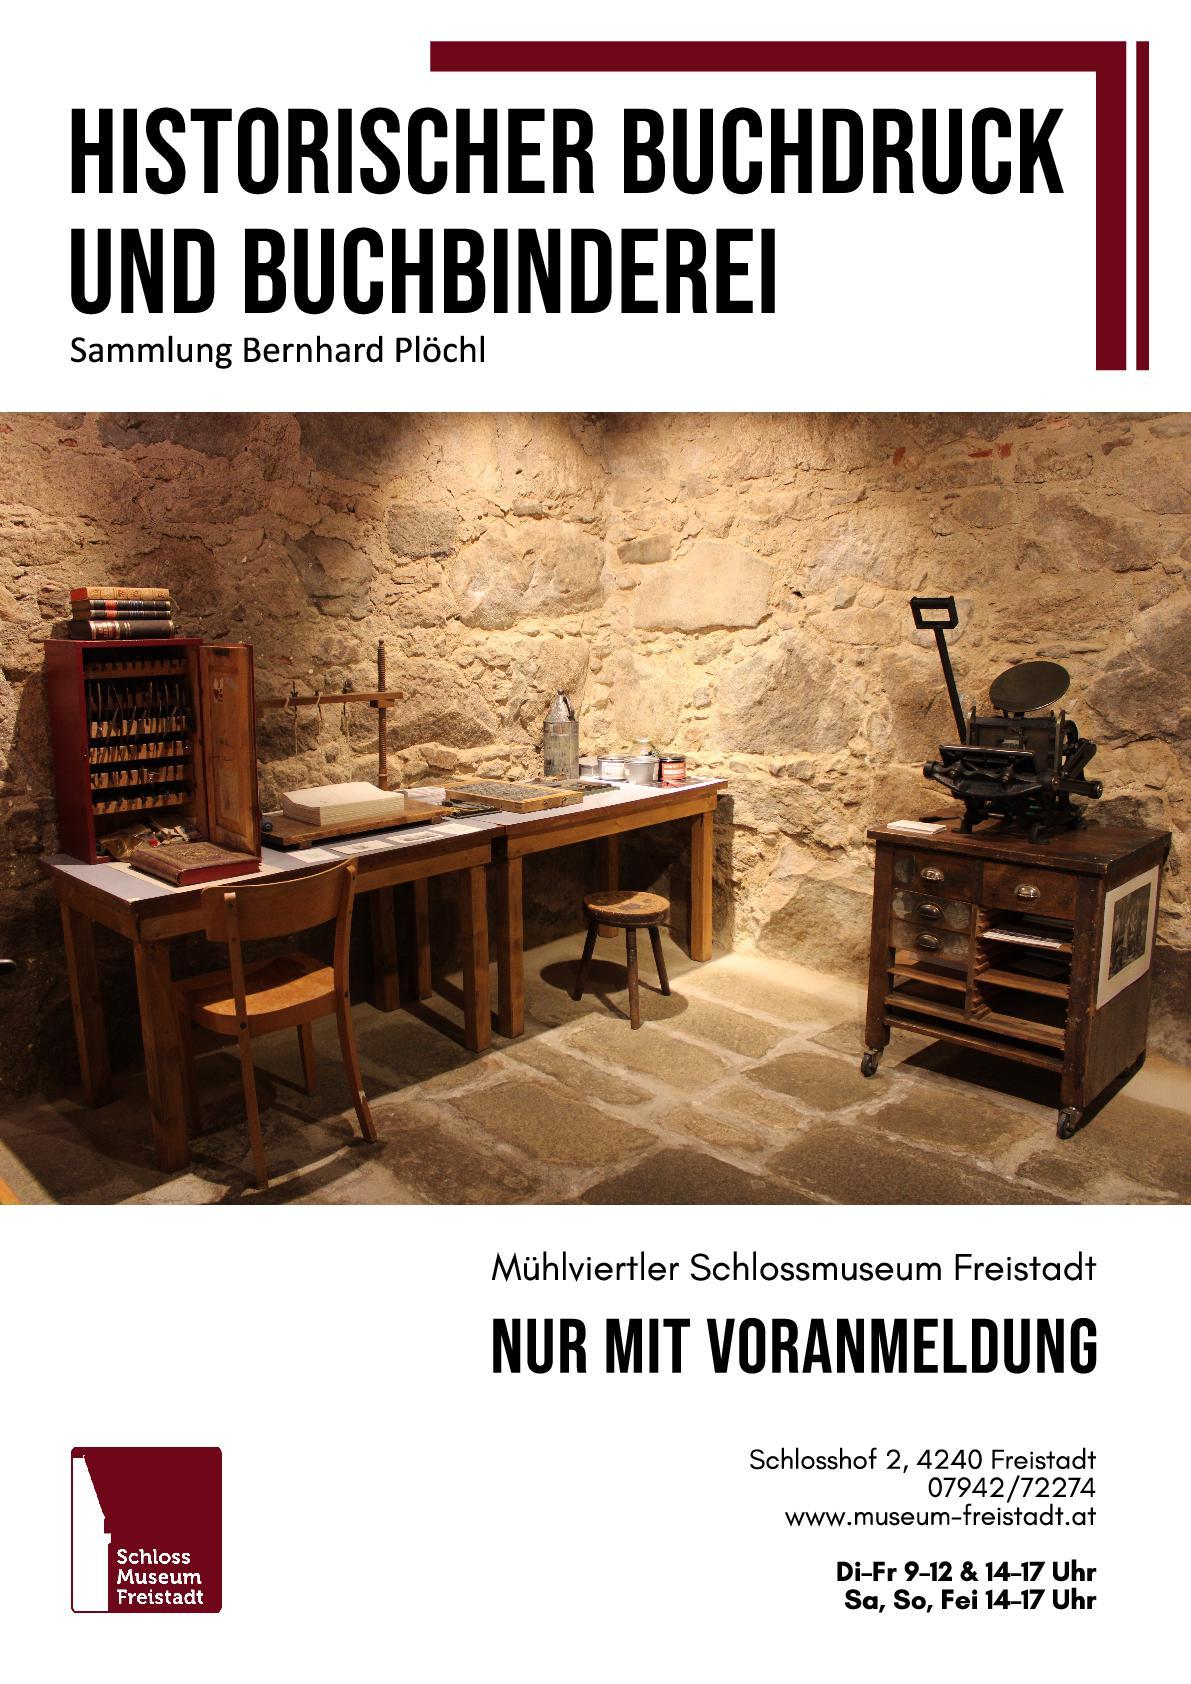 2021 10 - Plakat Historischer Buchdruck und Buchbinderei-001